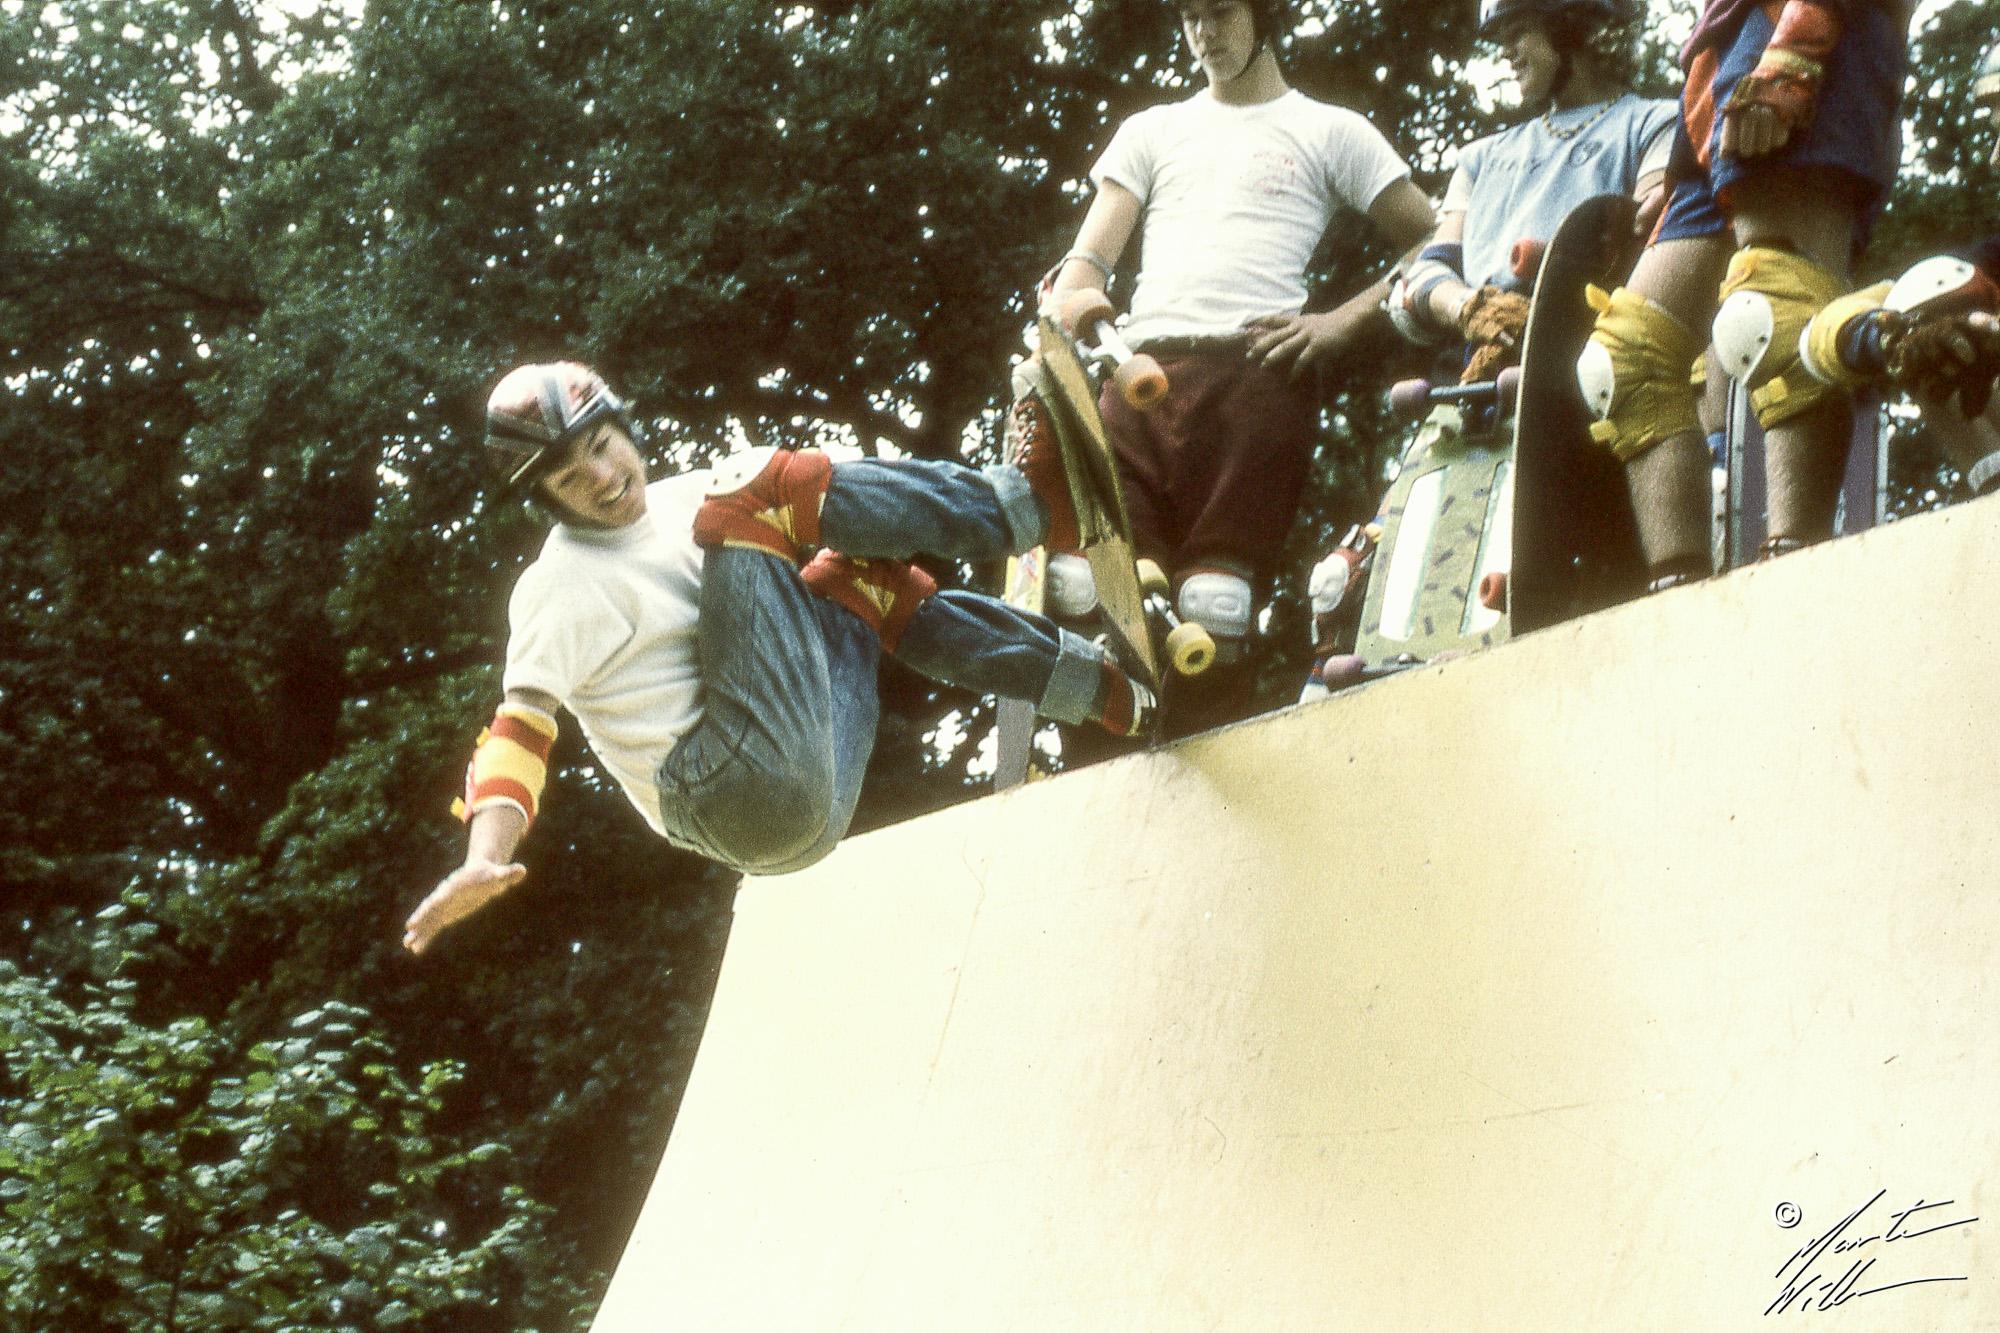 Tomas Sjöberg, Miller flip,  Sint Clue Open, Jönköping 1980